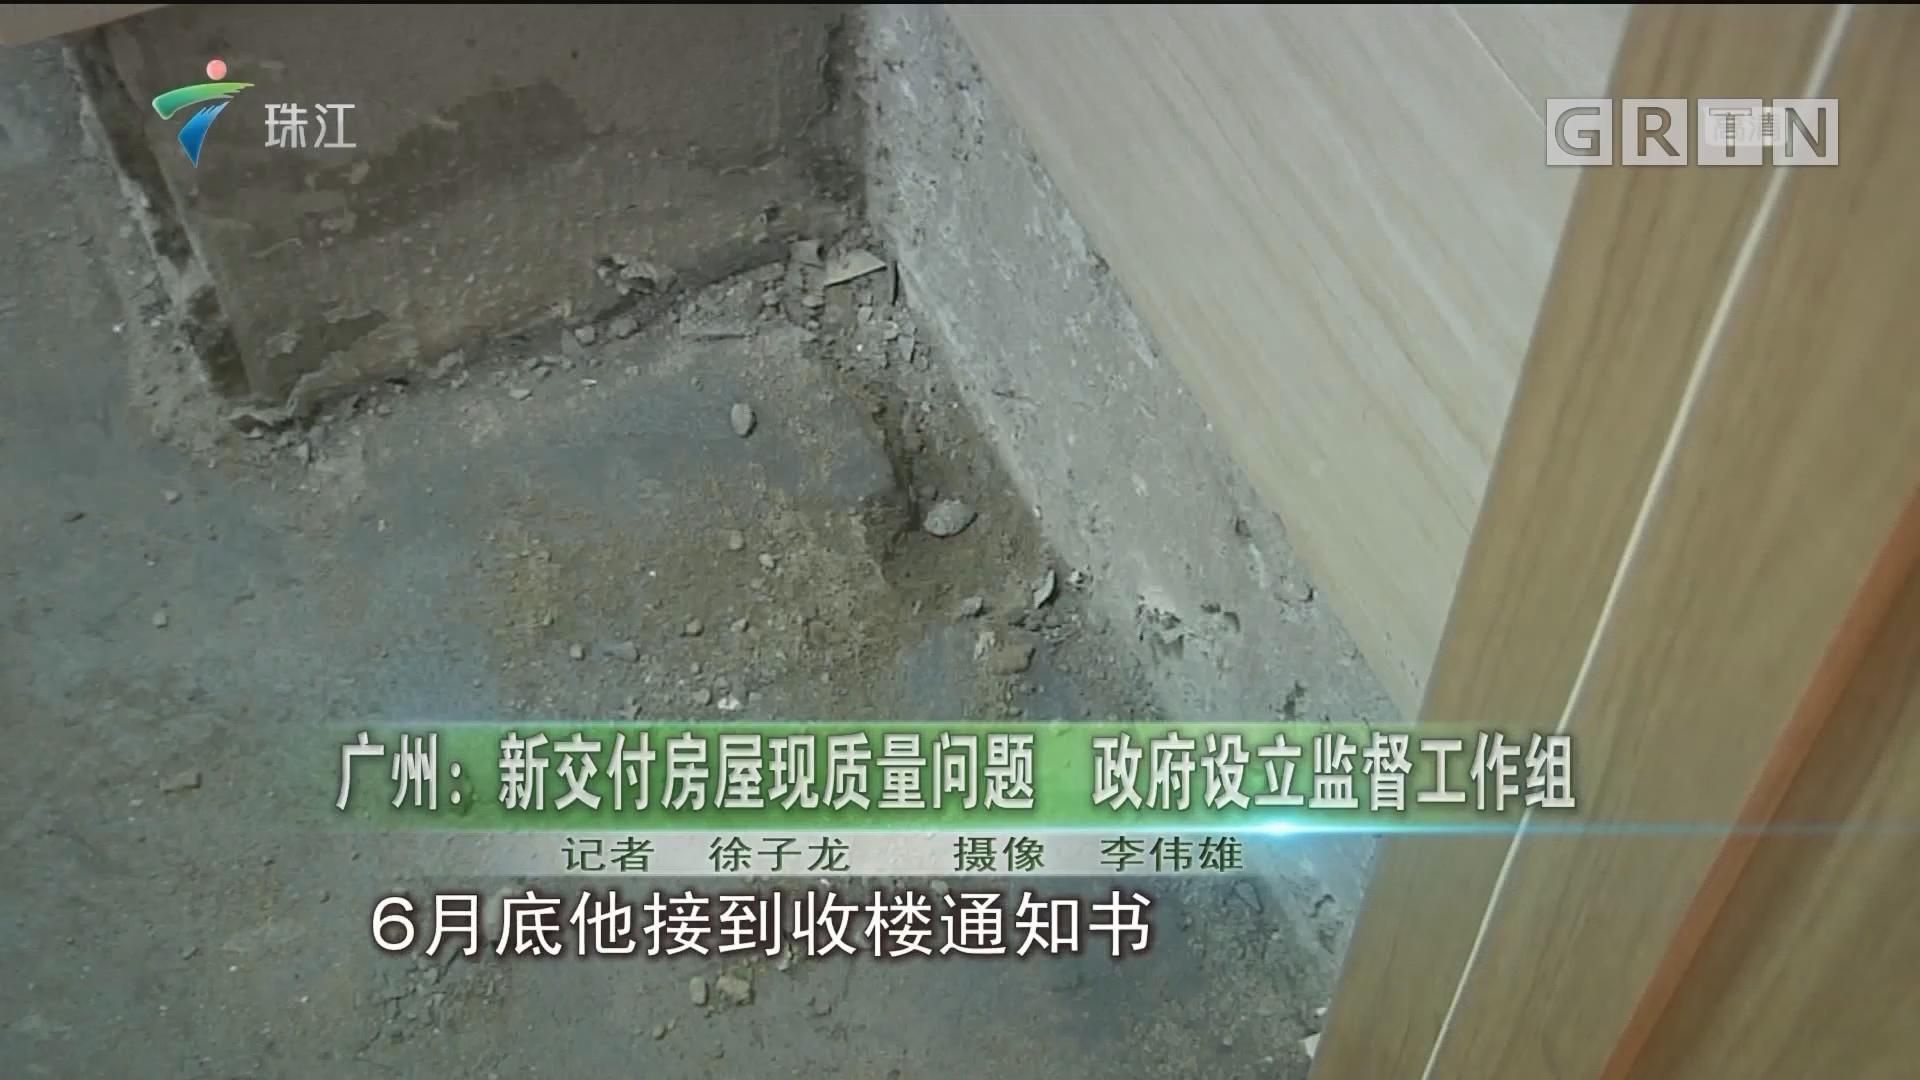 广州:新交付房屋现质量问题 政府设立监督工作组